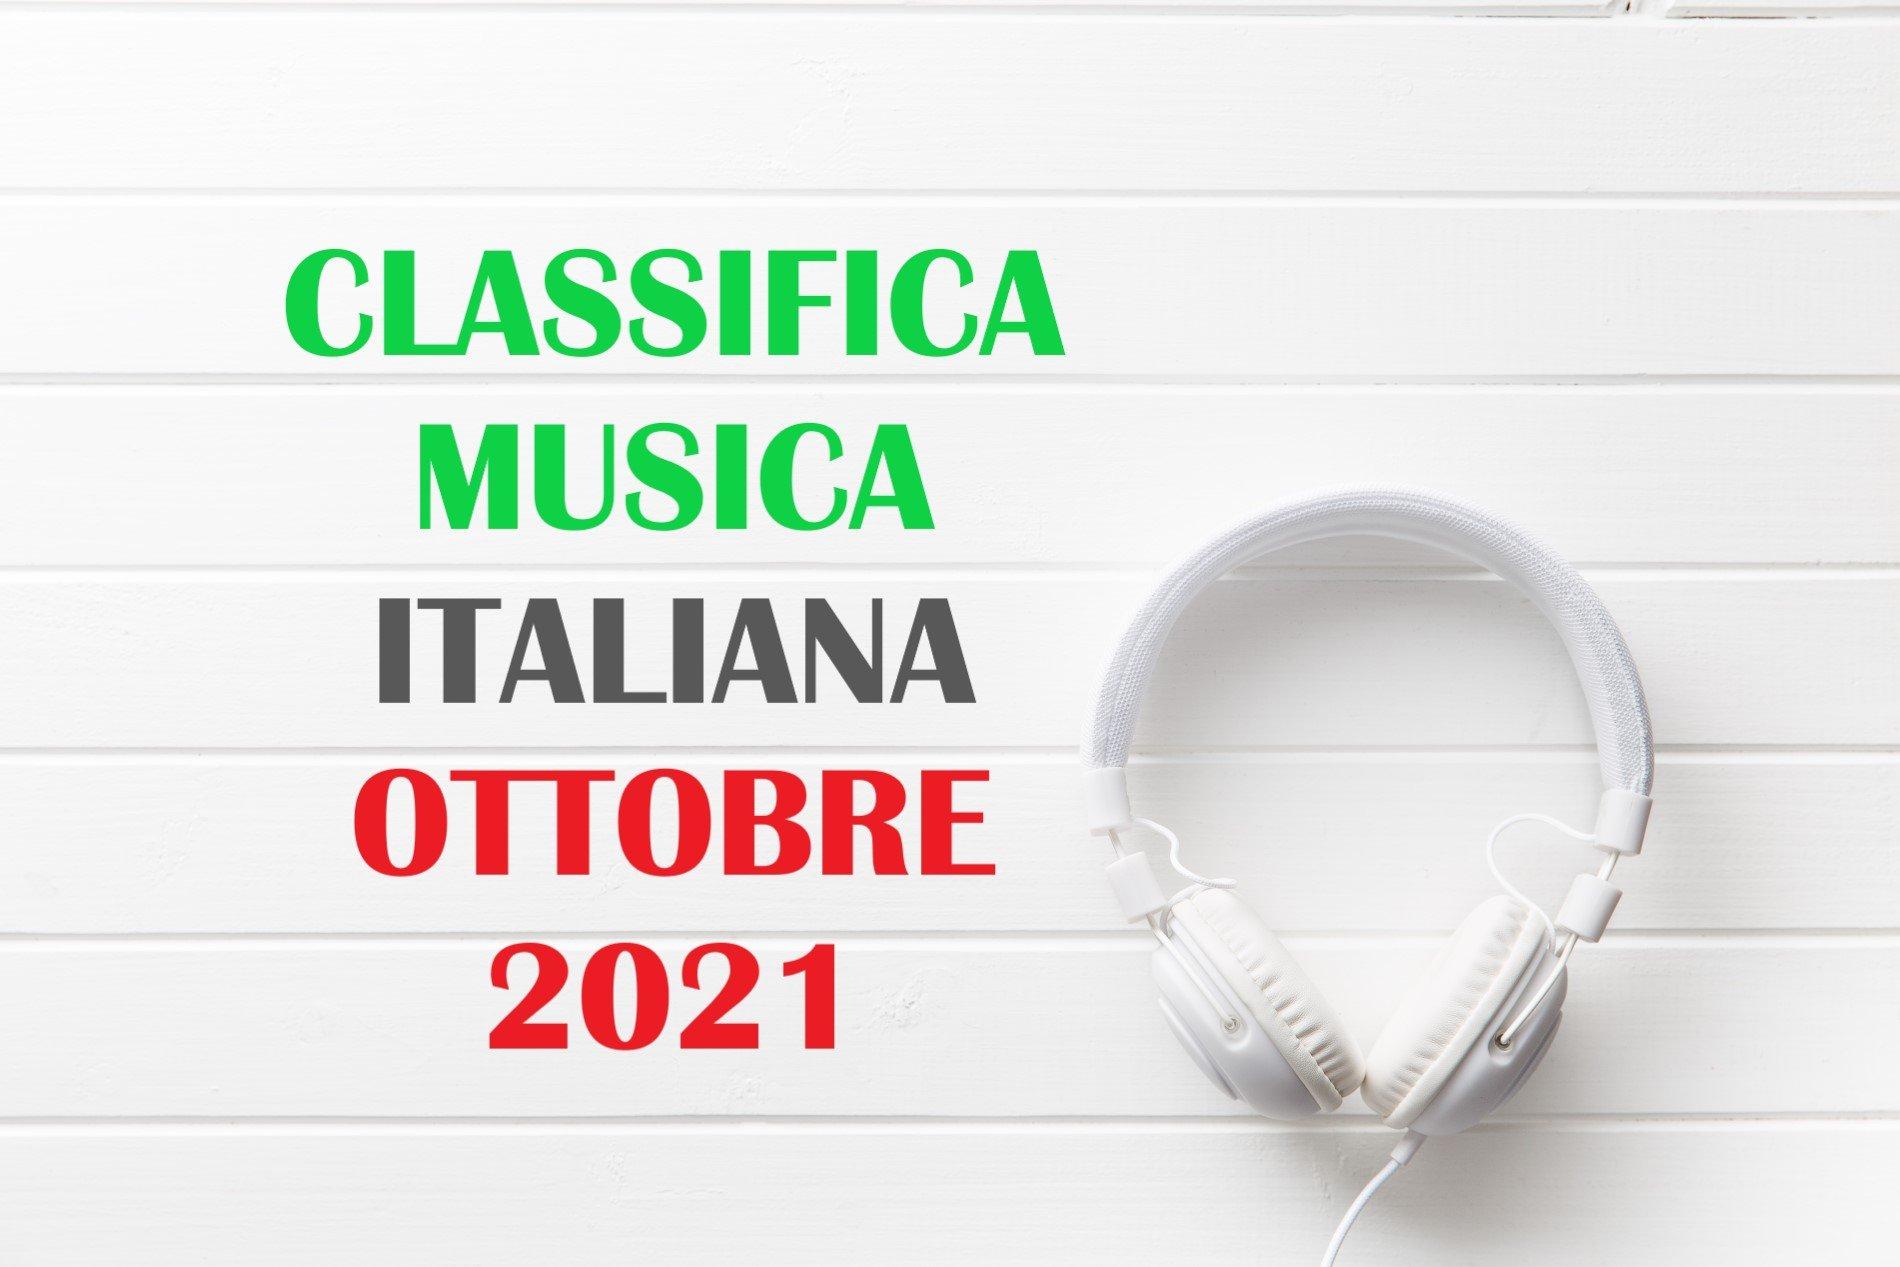 CLASSIFICA MUSICA ITALIANA OTTOBRE 2021 – CANZONI ITALIANE OTTOBRE 2021